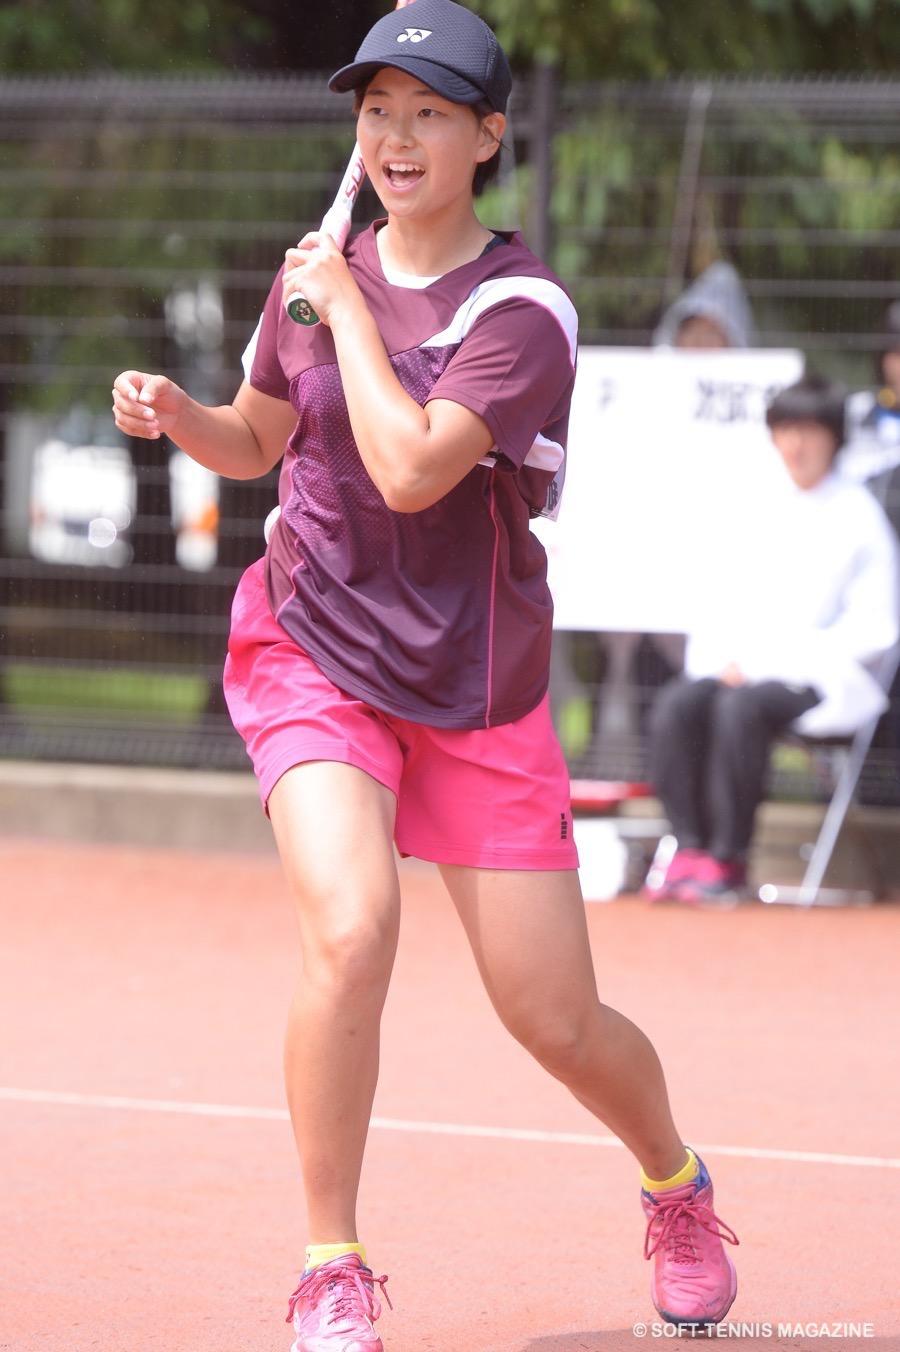 頂点に立ったサウスポー後衛の貝瀬。4月の全日本女子選抜でのシングルス優勝、社会人も相手にしながら5月の全日本シングルスで4強入り。今大会でも高い実力通りの結果を残した